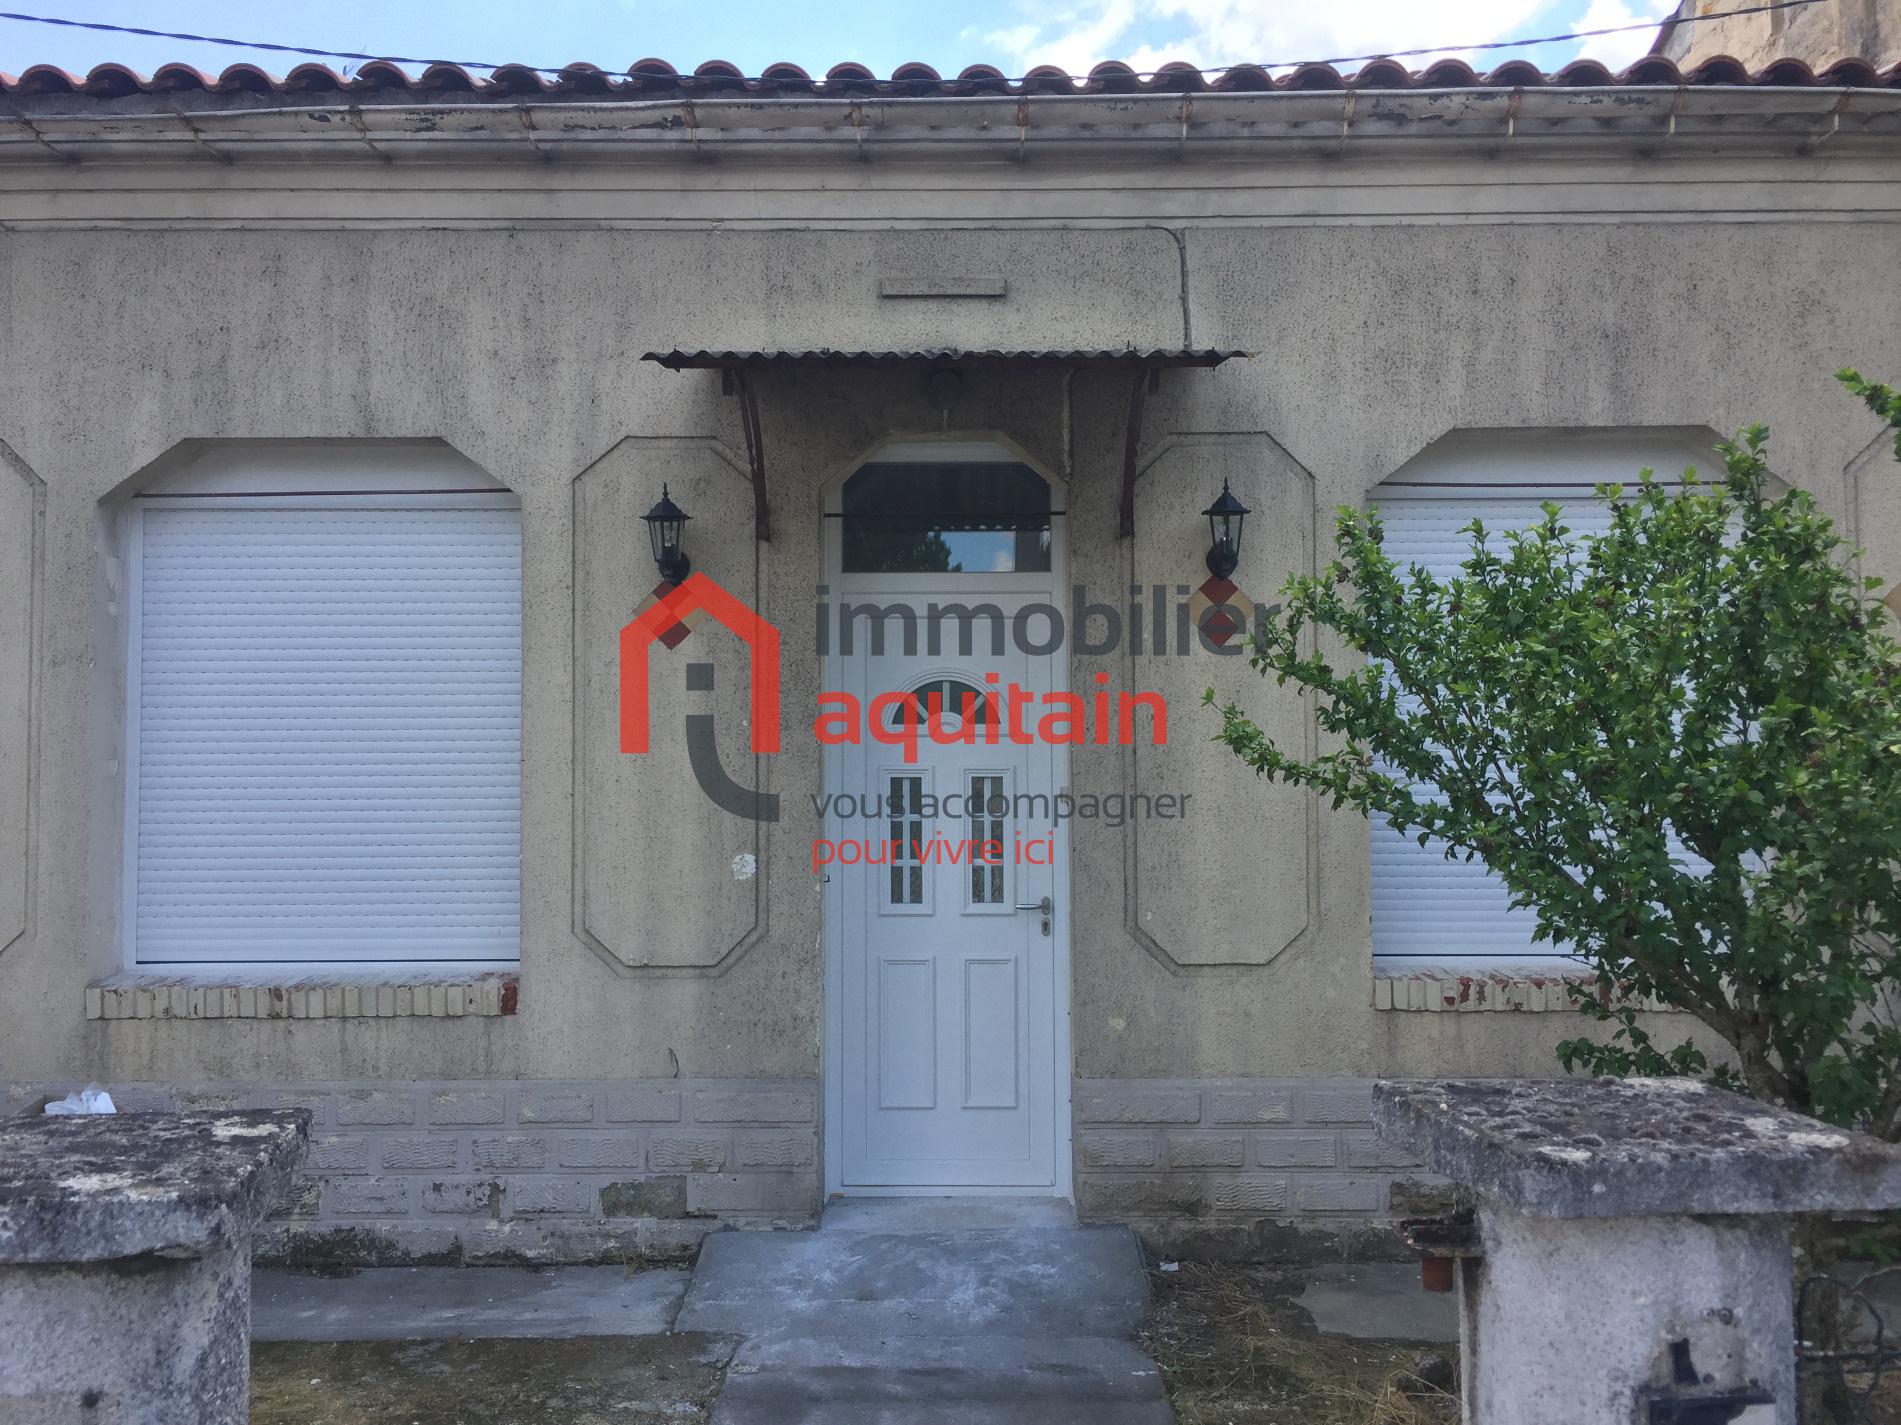 Annonce location maison abzac 33230 90 m 750 for Annonces location maison